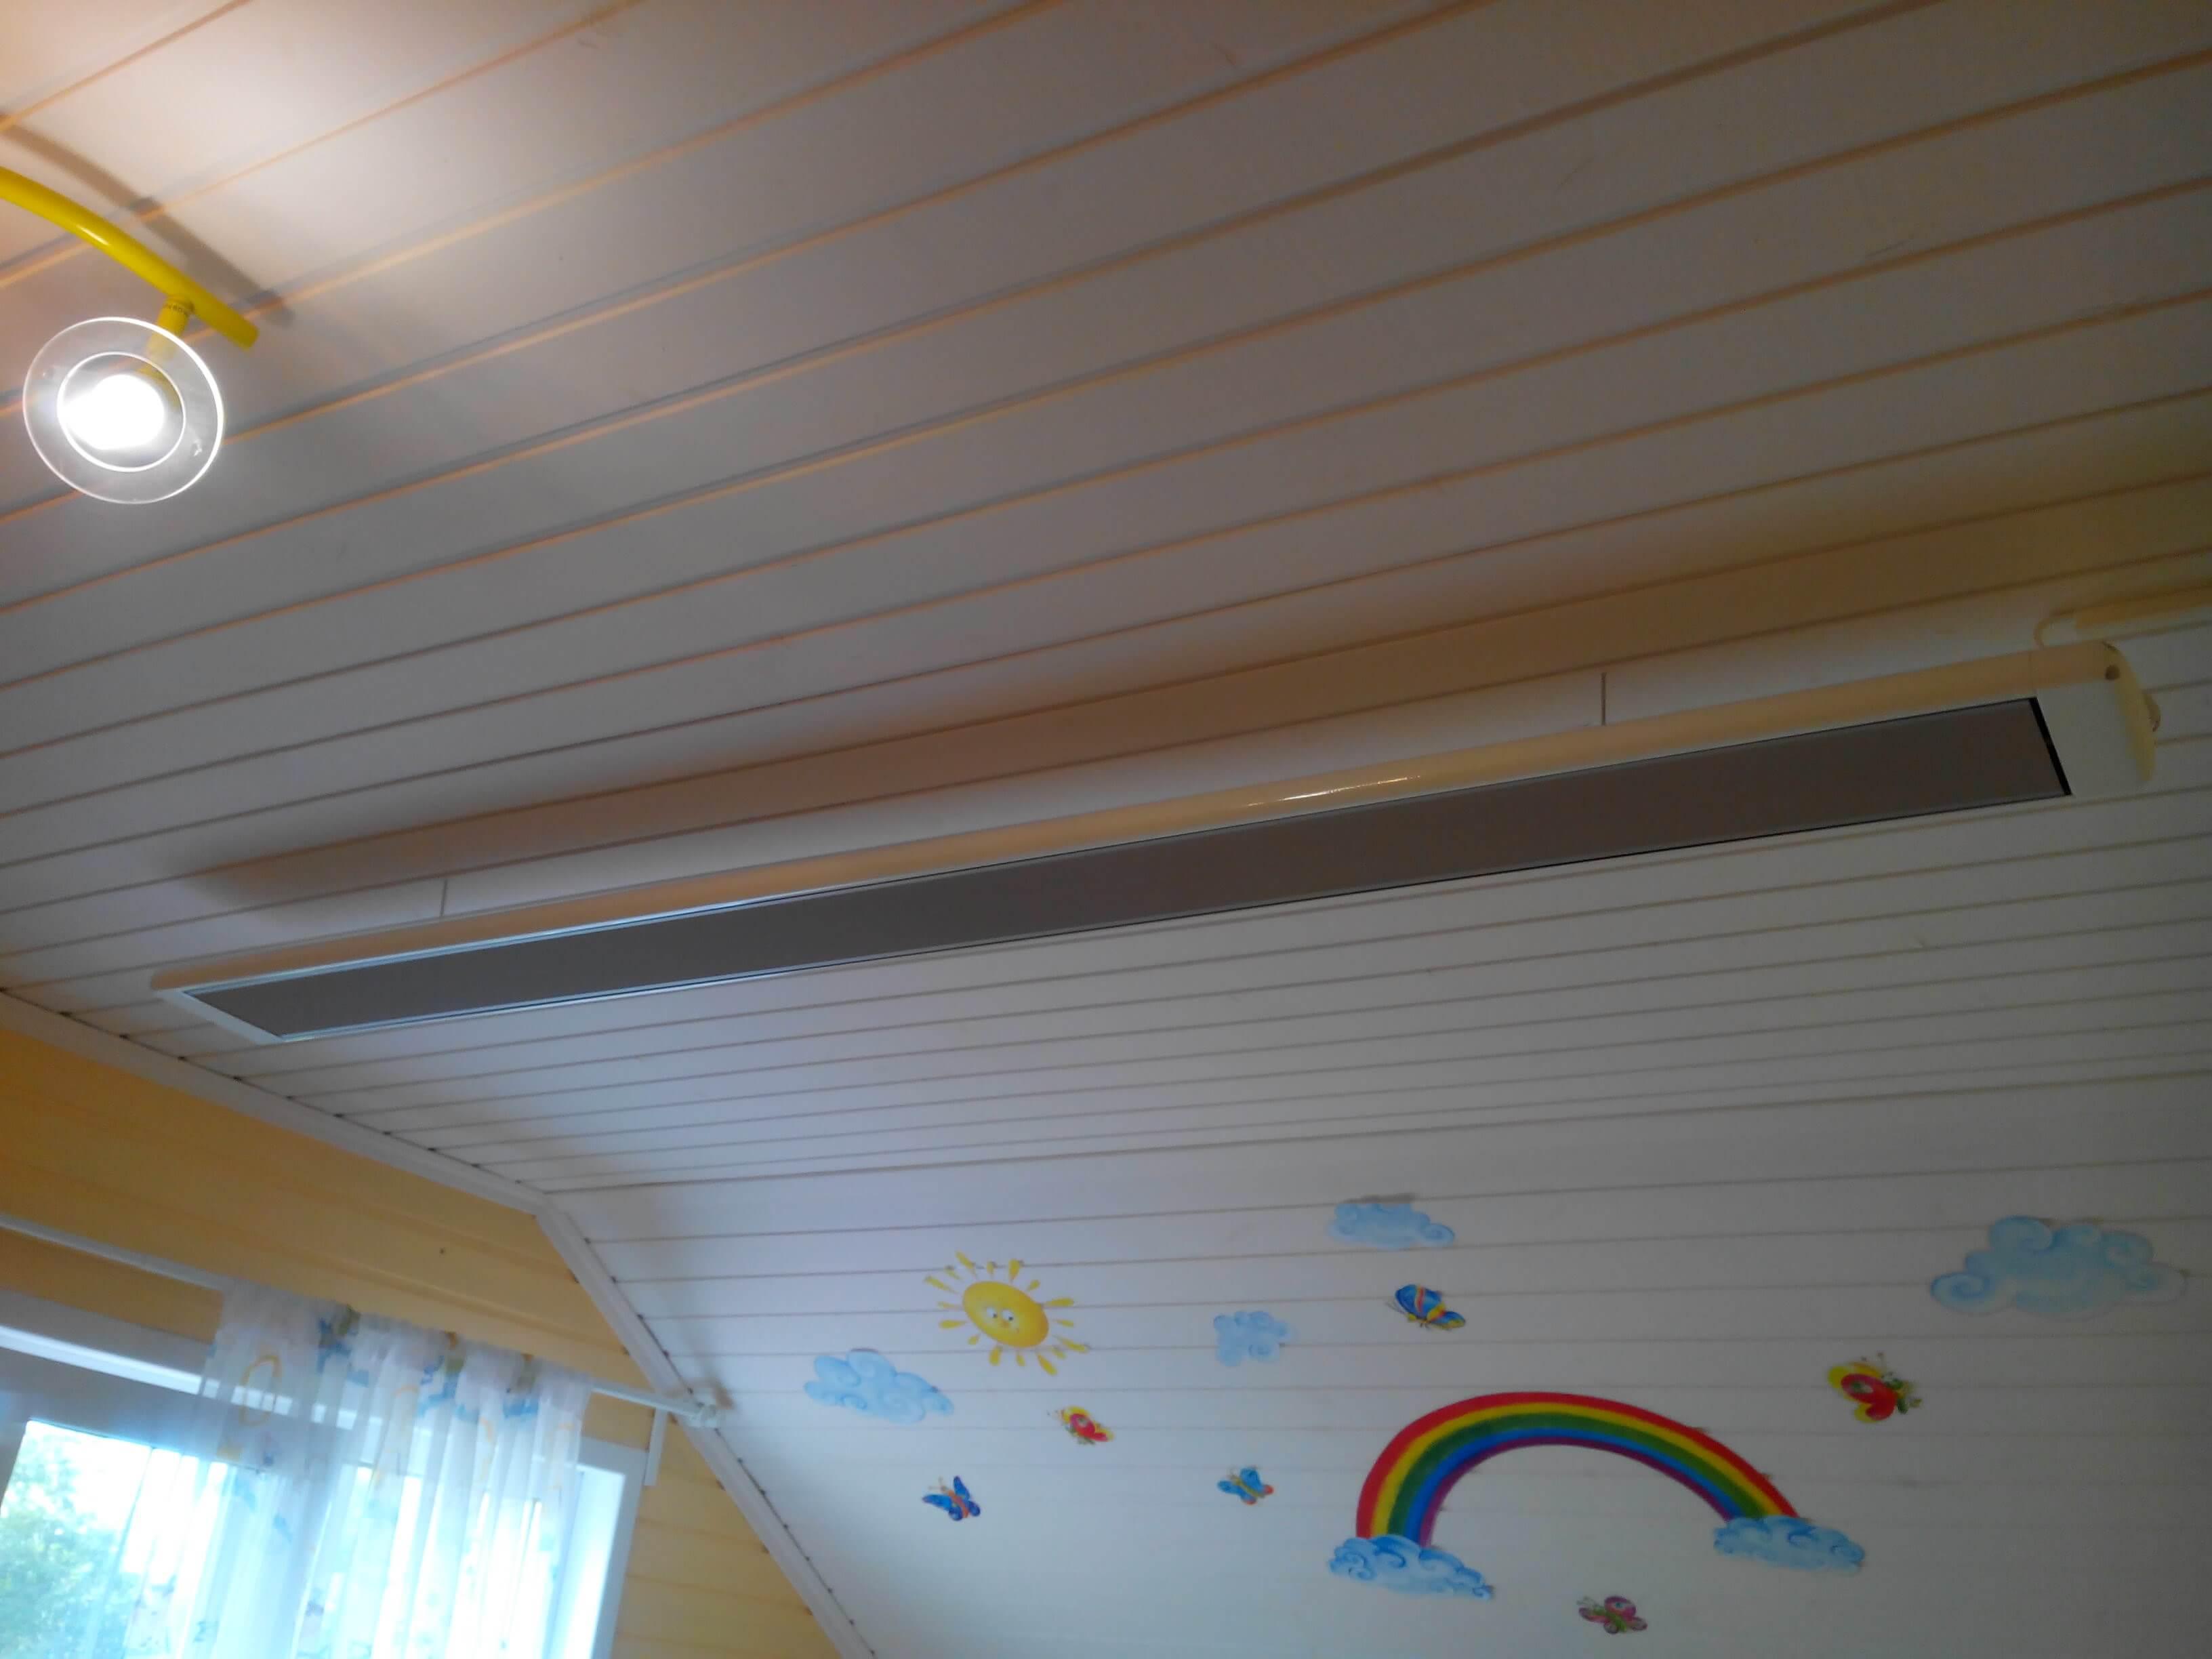 Потолочный обогреватель: выбираем модели с терморегулятором, ультракрасные, индукционные и ультрафиолетовые обогревательные лампы для потолка